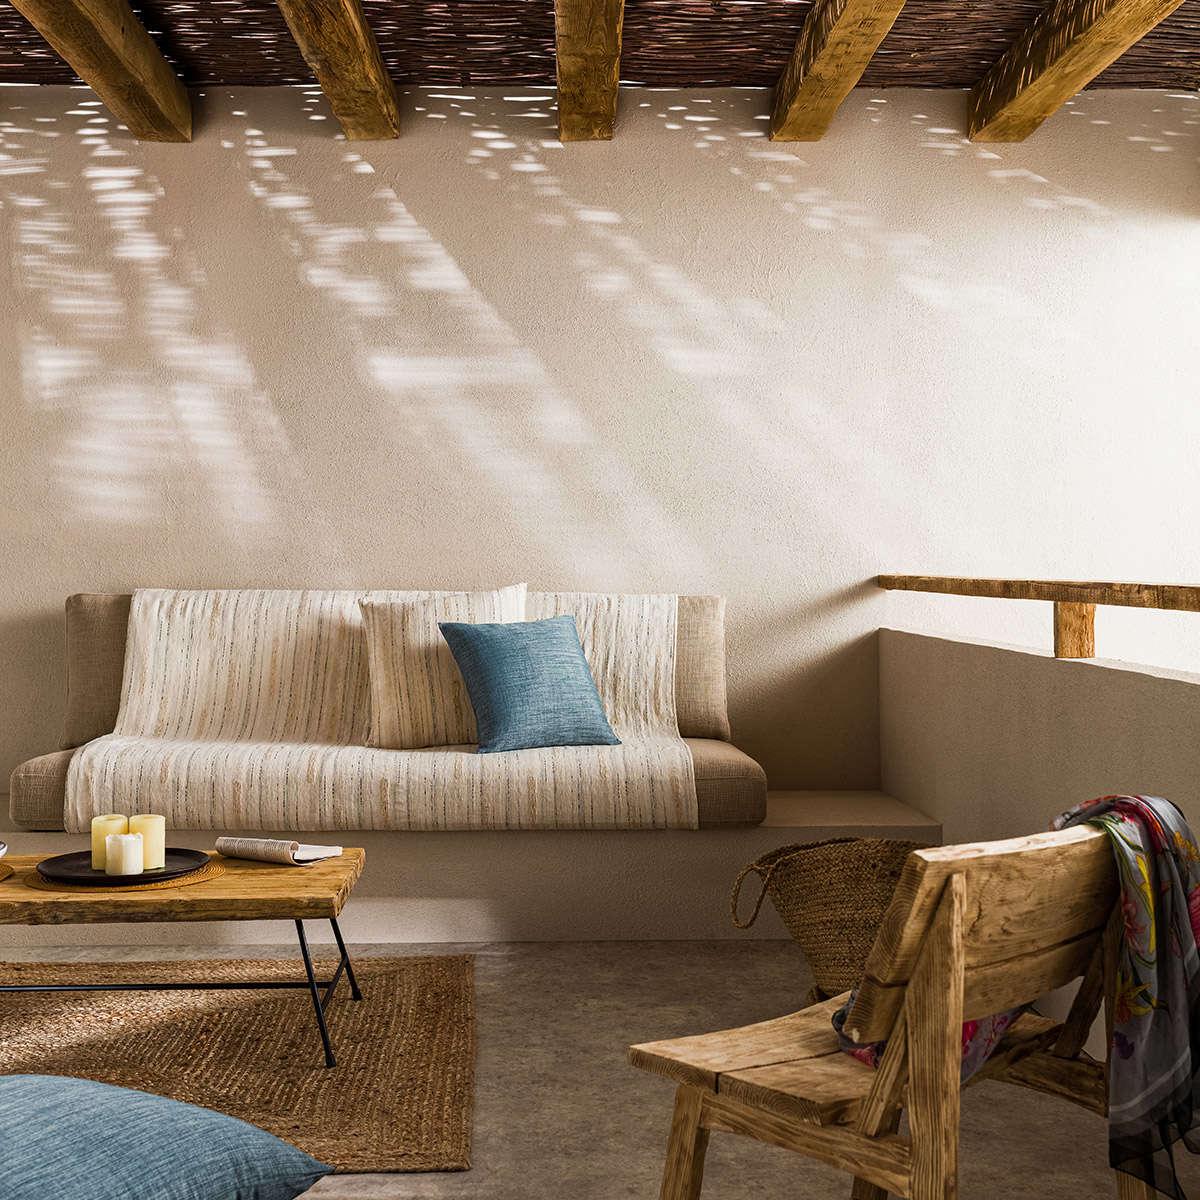 Ριχτάρι Tunizia Ecru 289/05 Gofis Home Τετραθέσιο 180x350cm